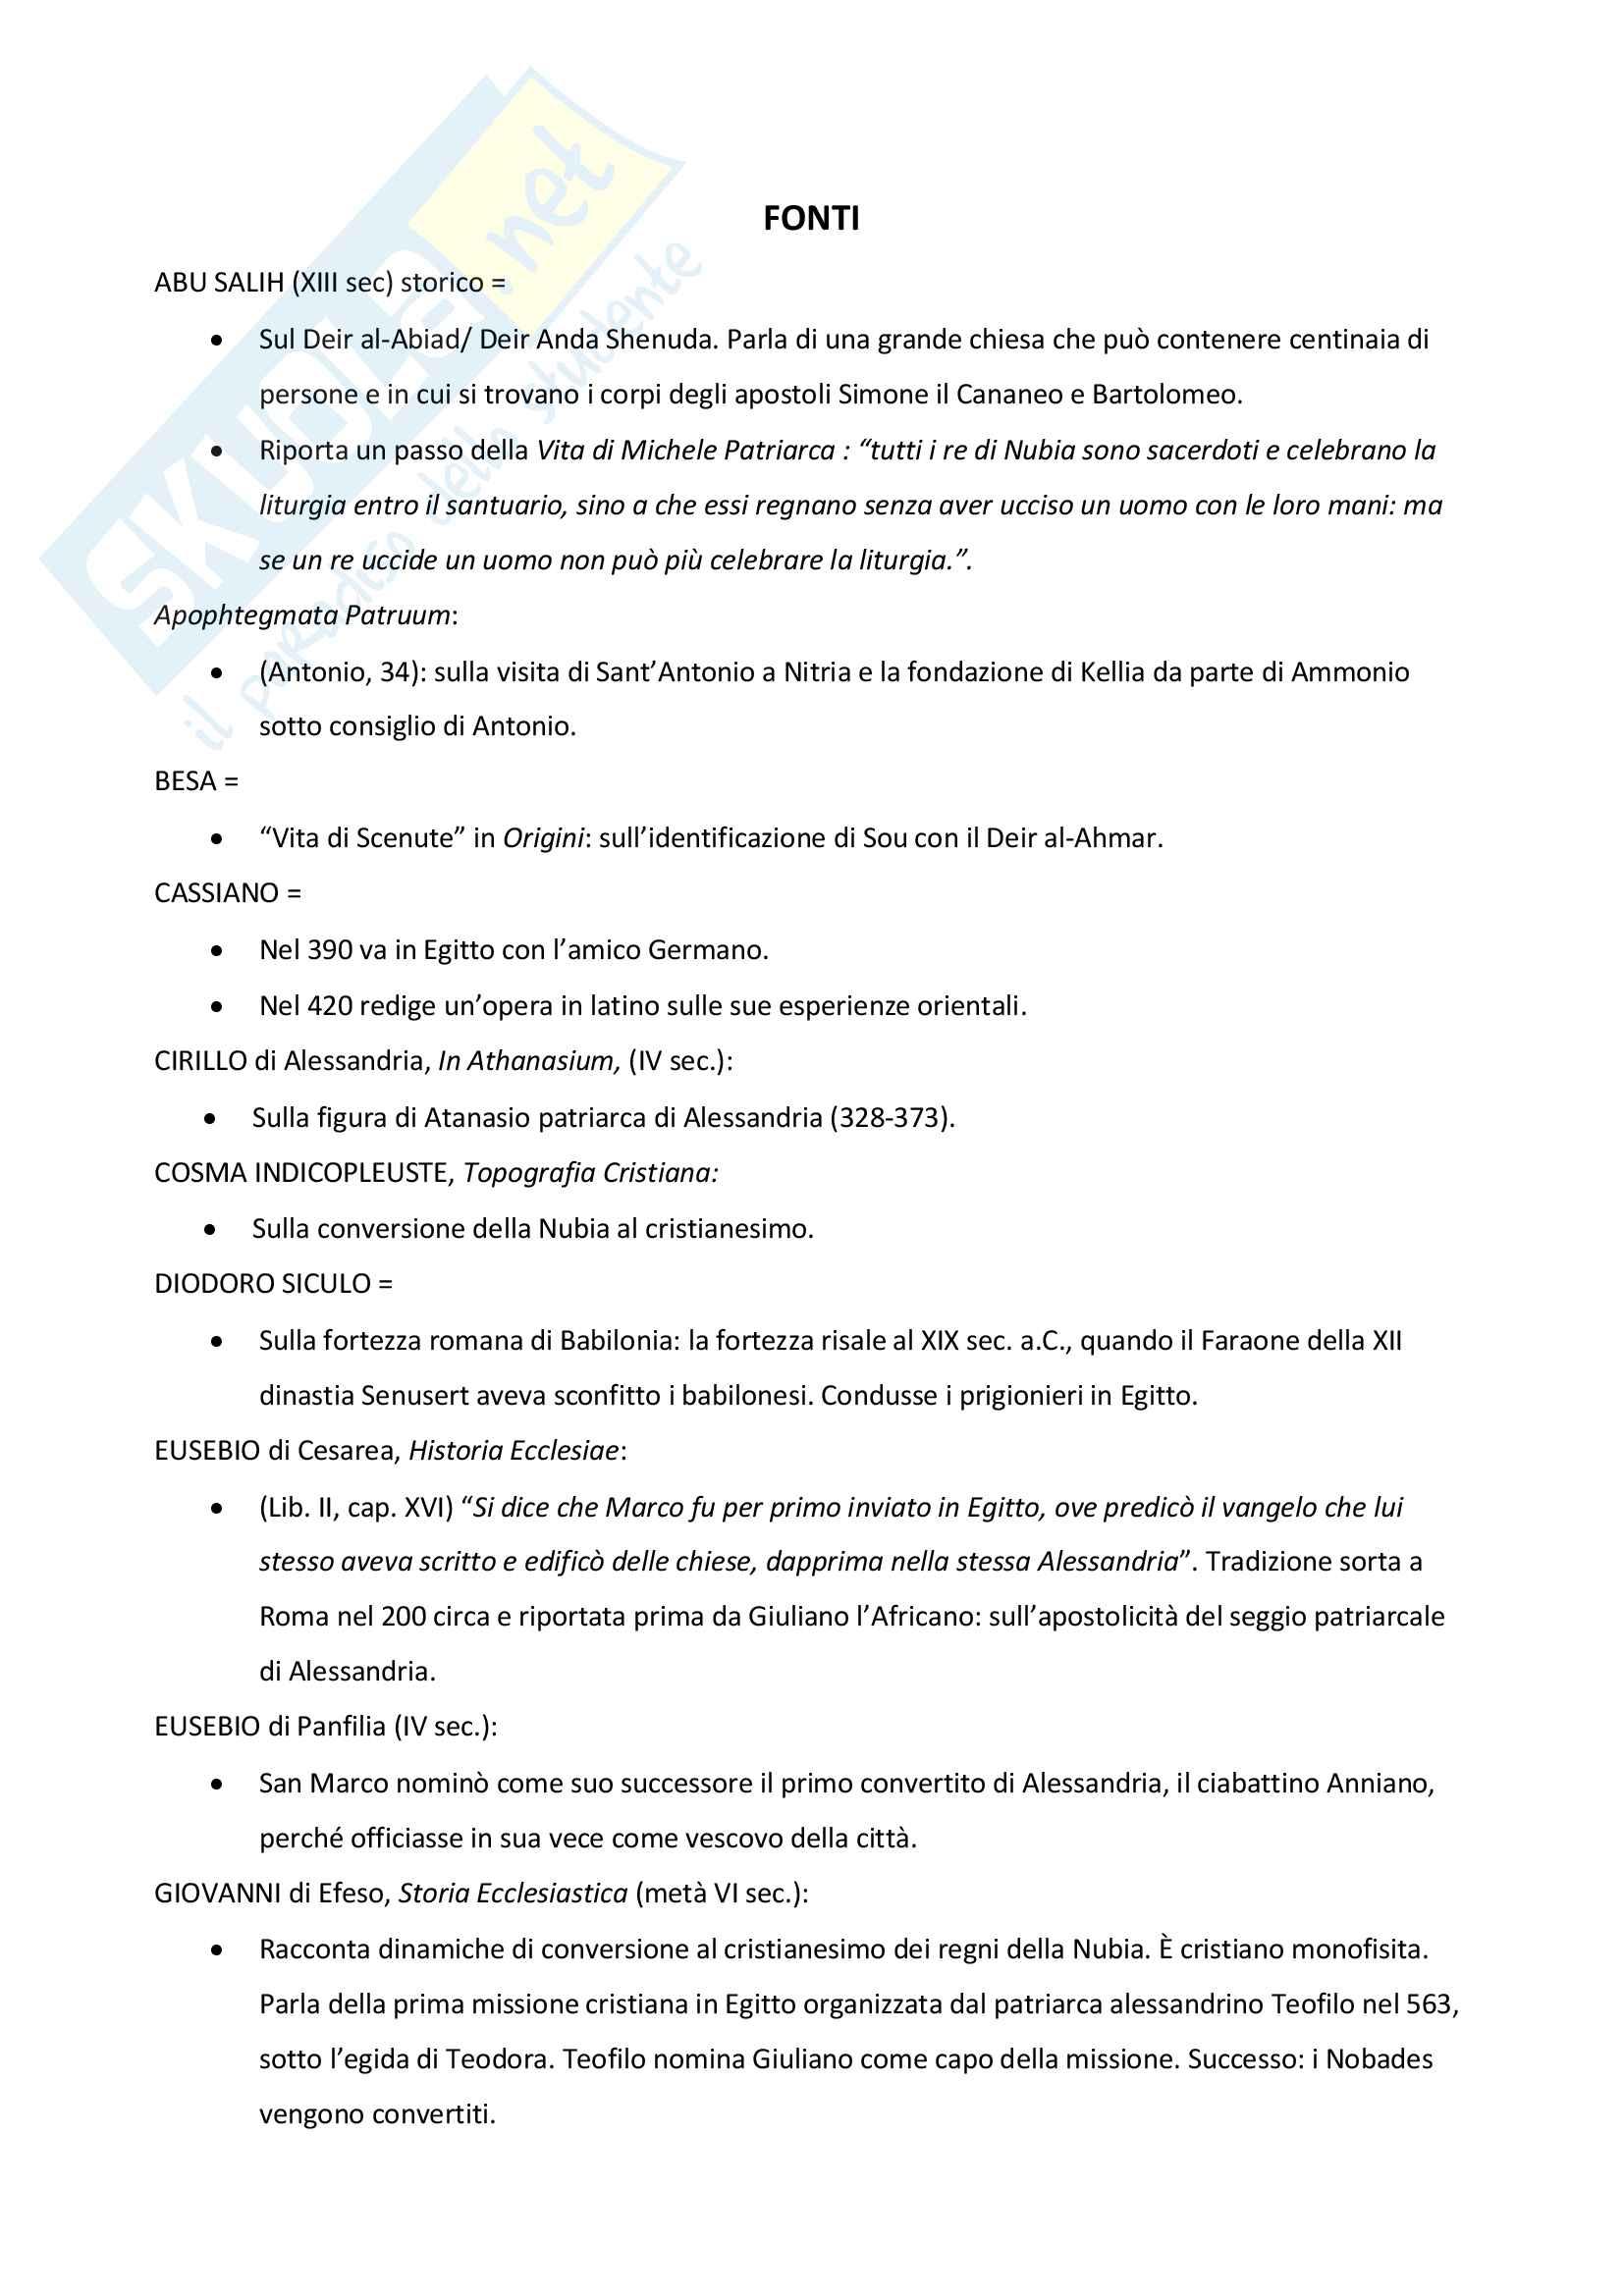 Fonti per lo studio del monachesimo egiziano